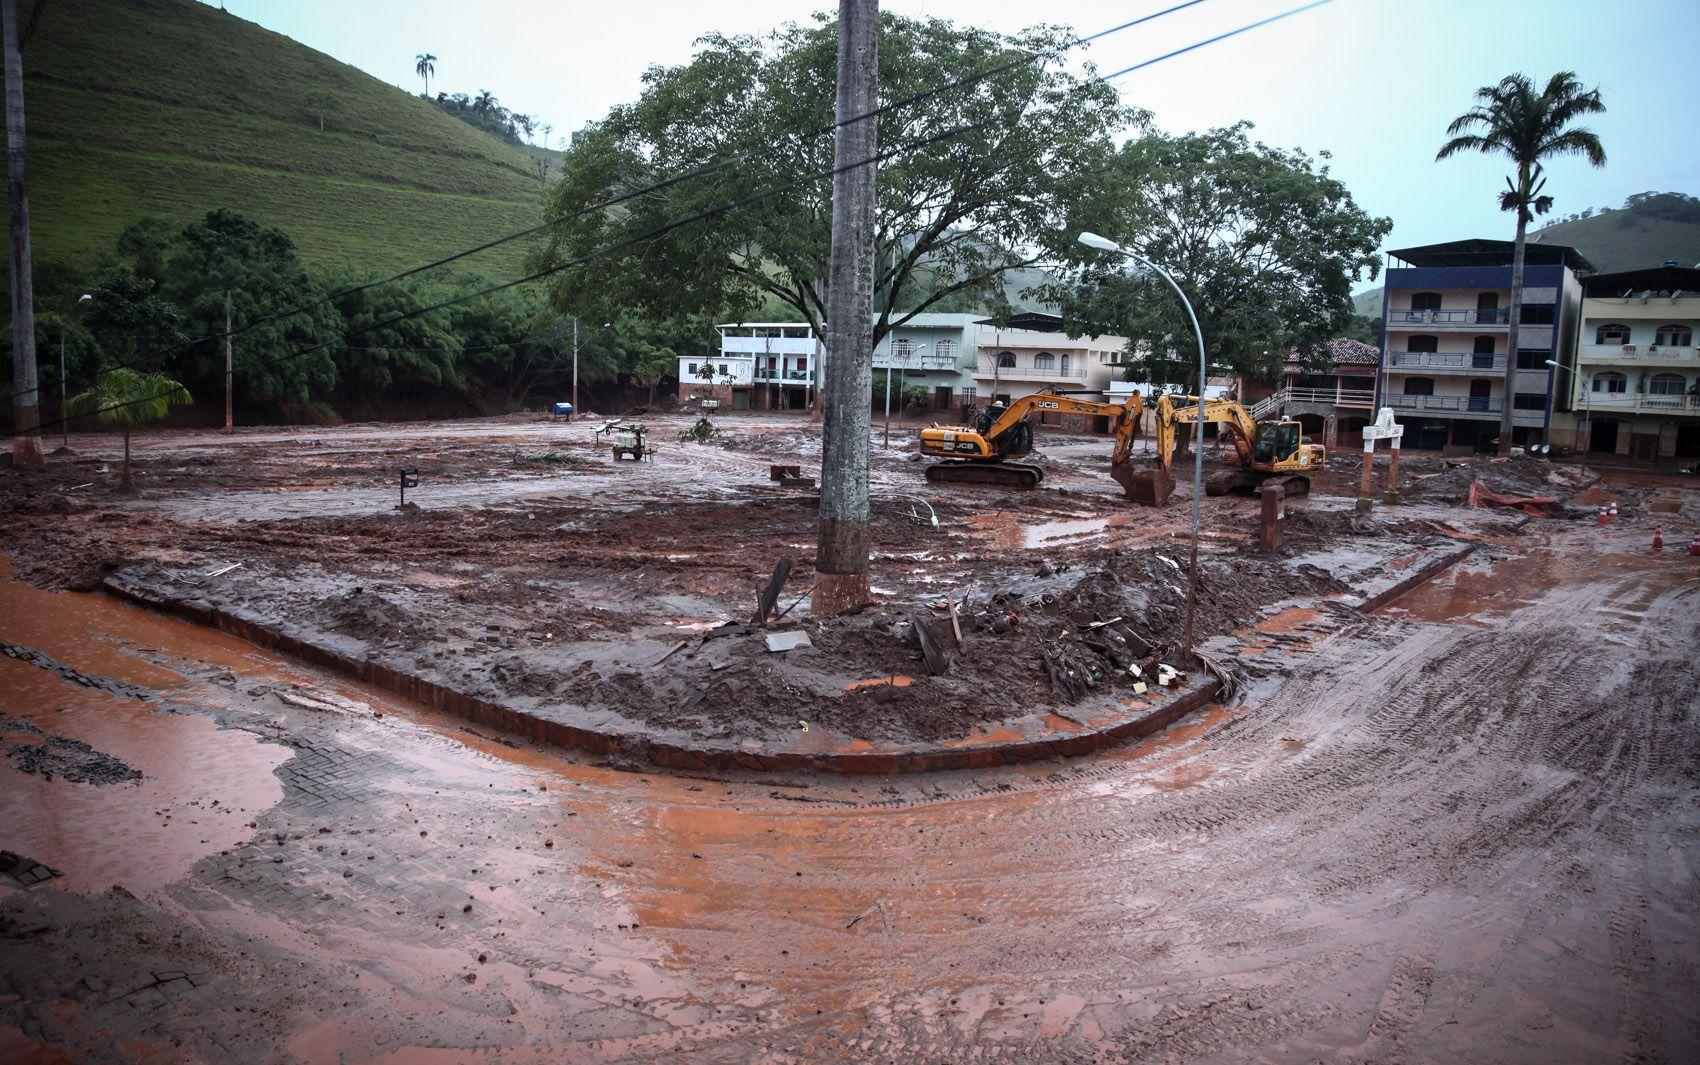 Praça central de Barra Longa, à beira do Rio do Carmo, foi completamente tomada por lama